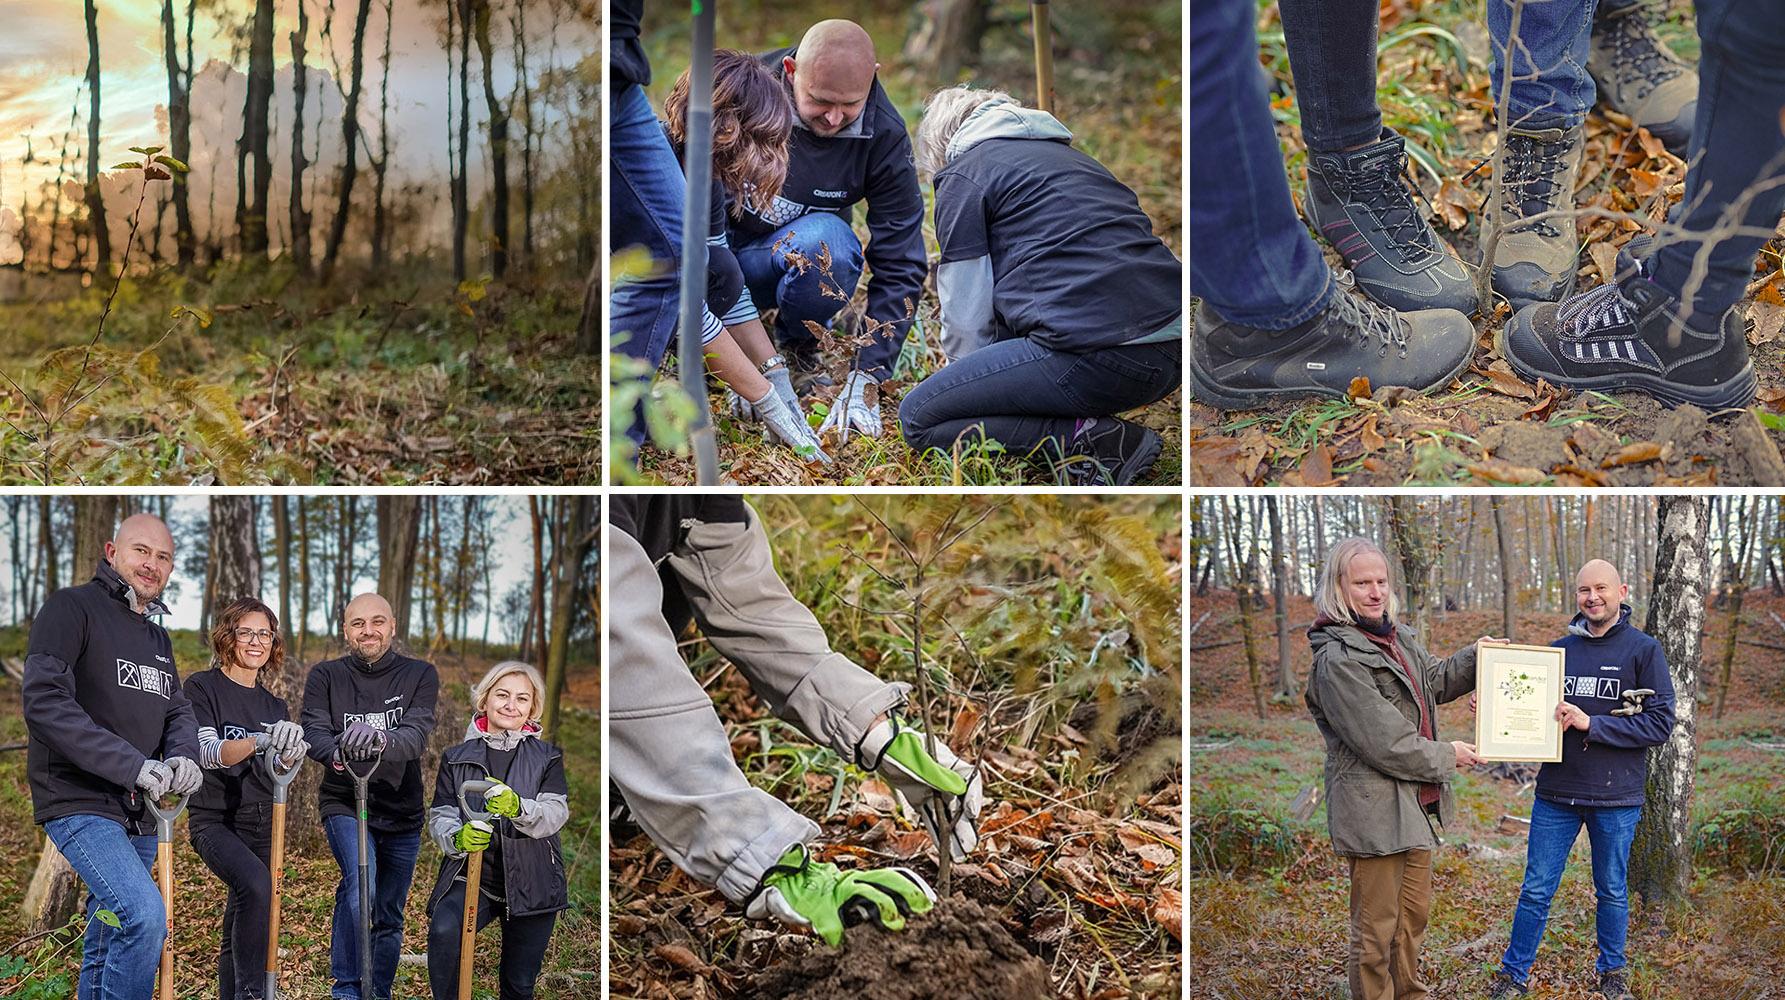 Las dla przyszłych pokoleń – CREATON Polska sadzi drzewa w okolicach Krakowa